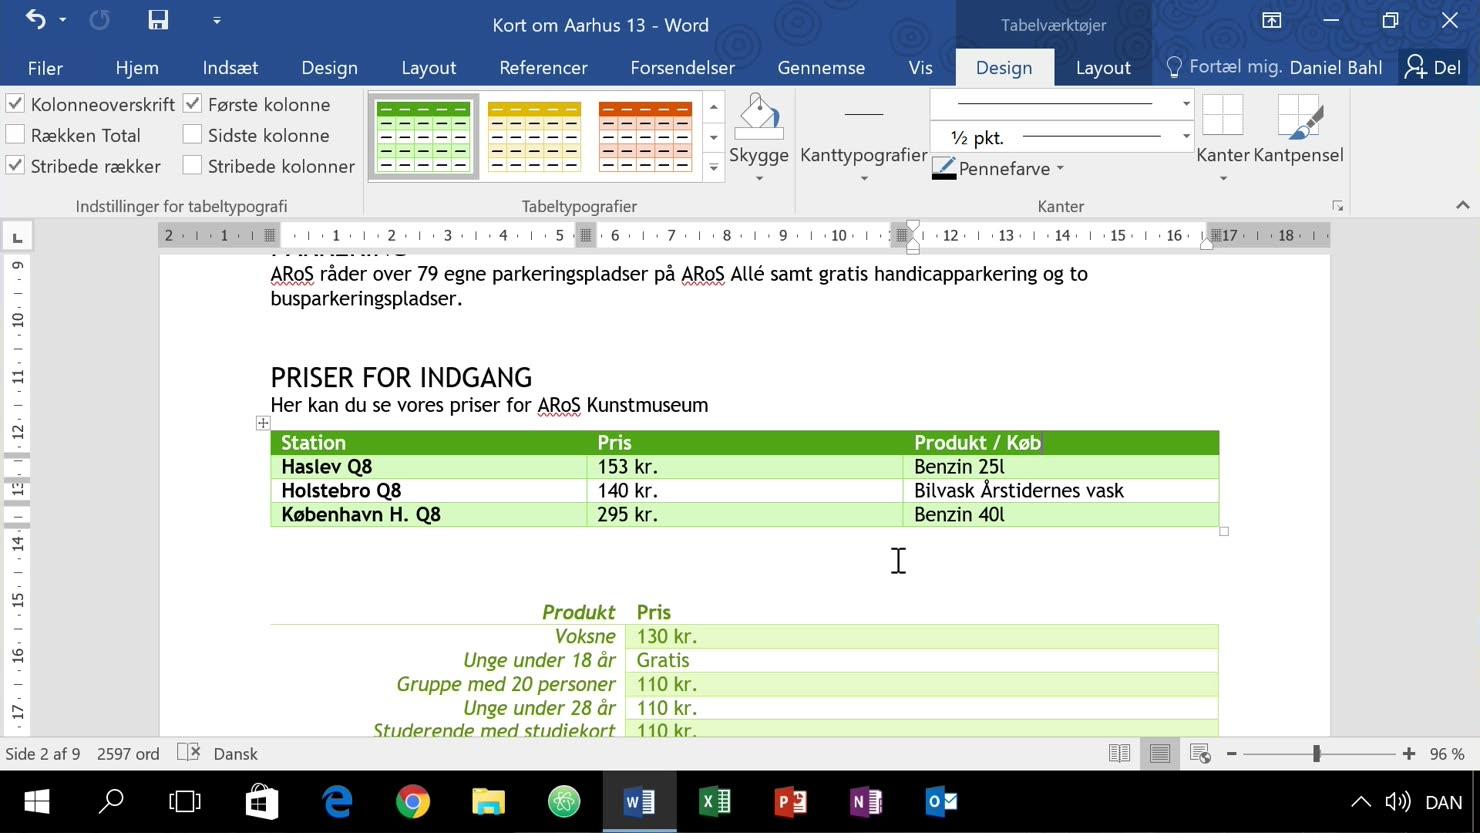 Byg tabeller udfra alm. tekst i Word